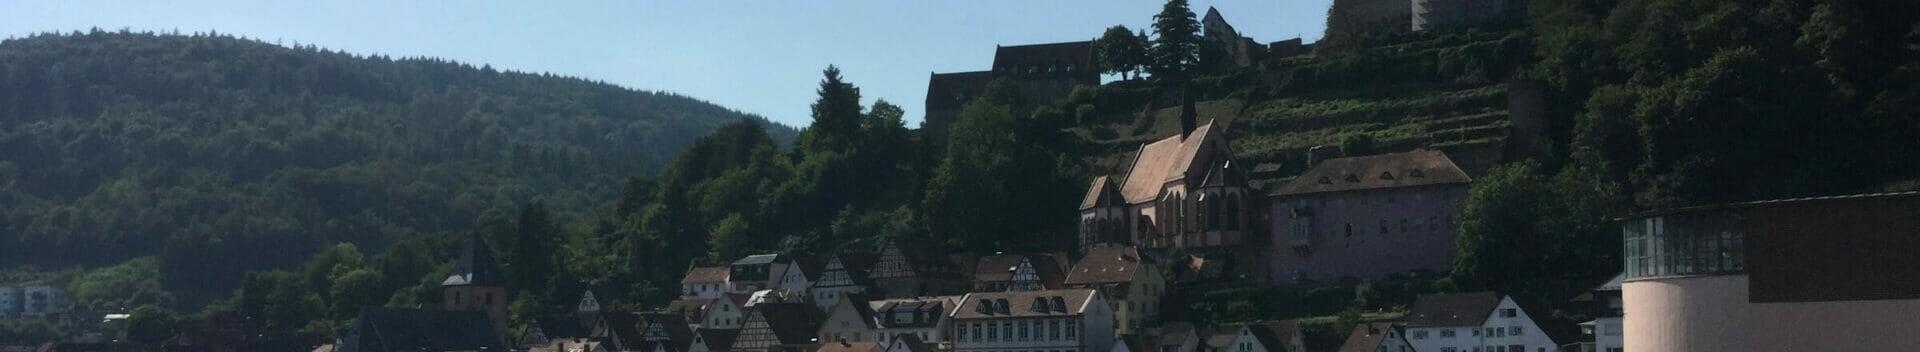 Hirschhorn - Neckar - Odenwald